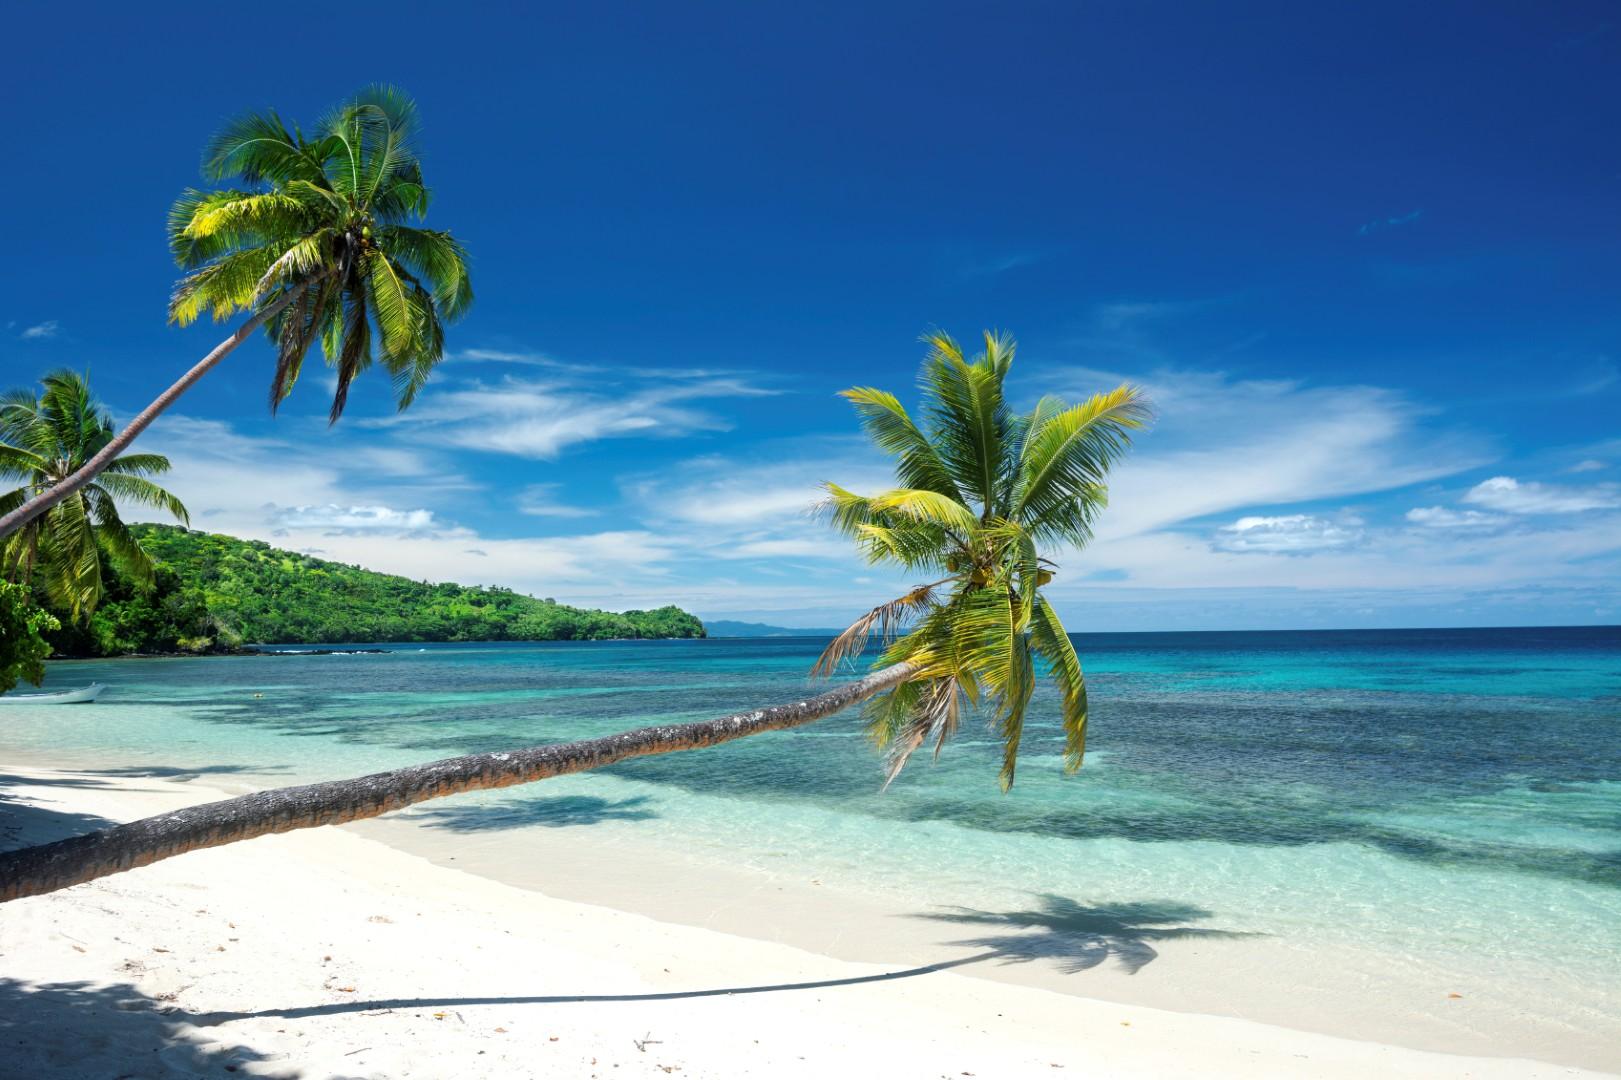 Le isole da sogno, scenario di celebri film